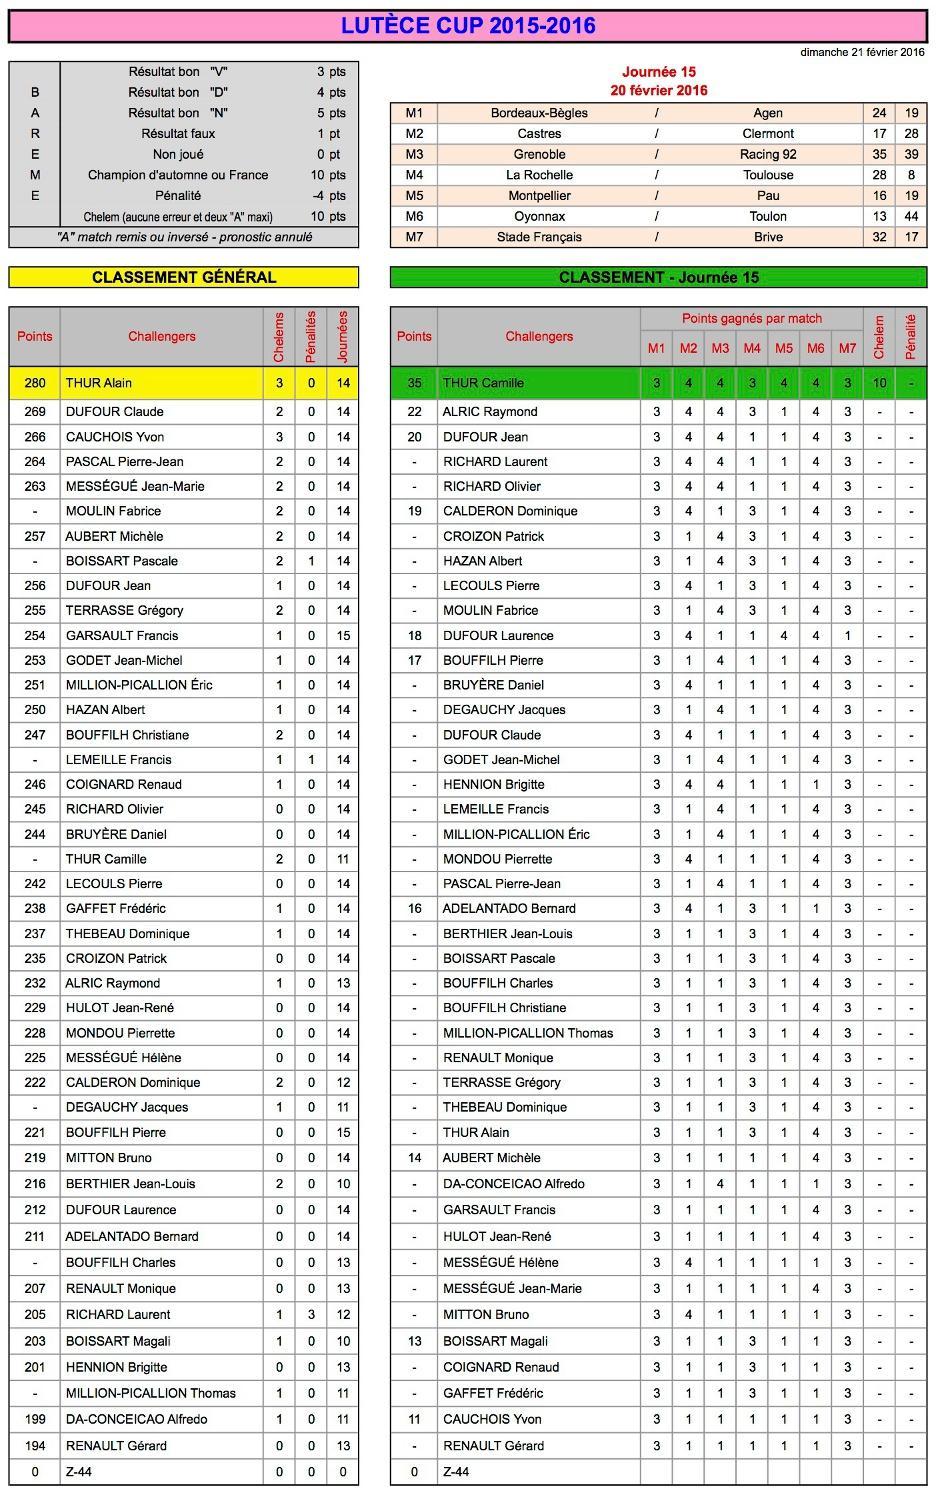 J15 Lutèce Cup 2015-2016 - Résultats